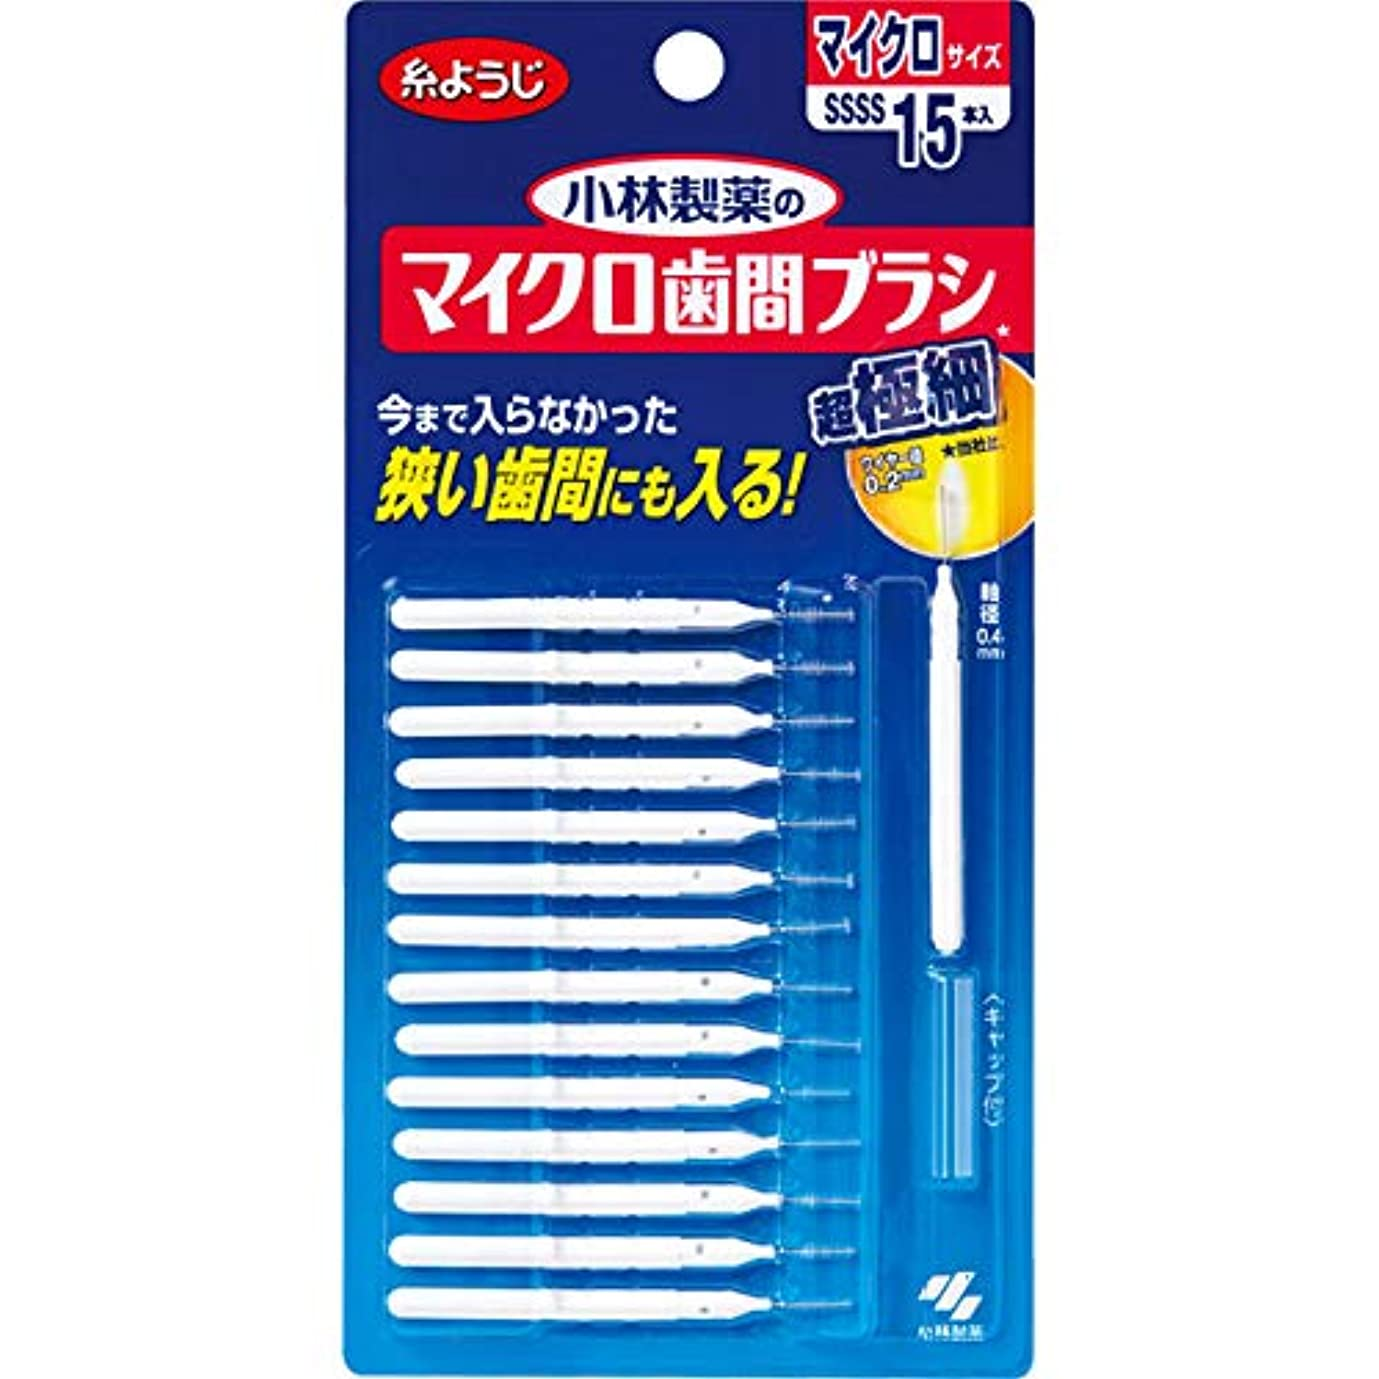 Dental Dr. マイクロ歯間ブラシ 15本入